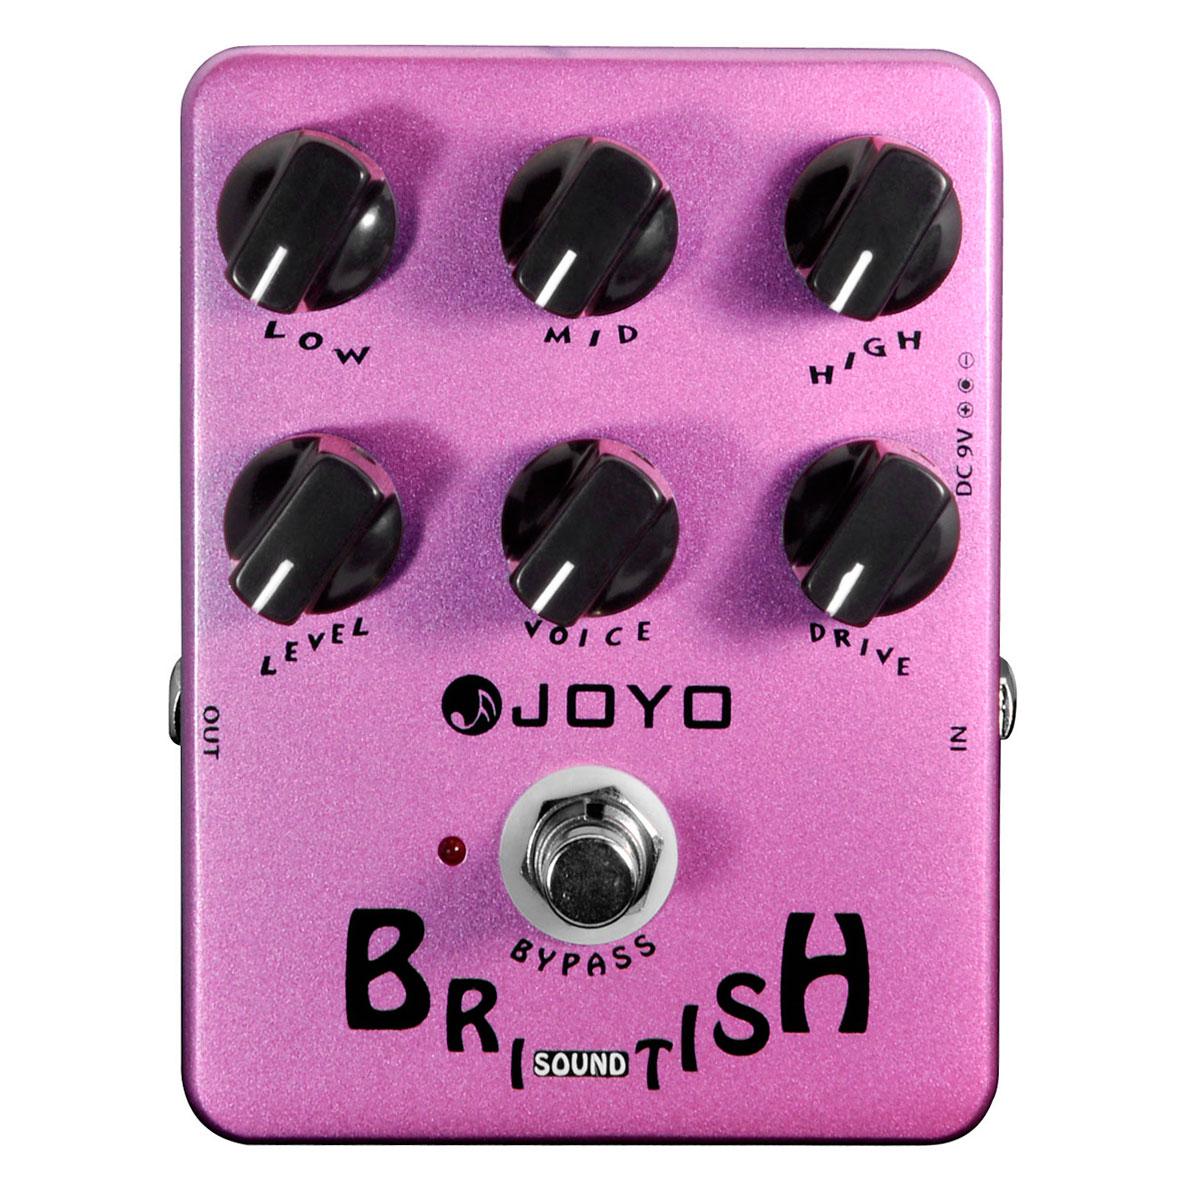 Pedal Emulador British Sound p/ Guitarra - JF 16 Joyo